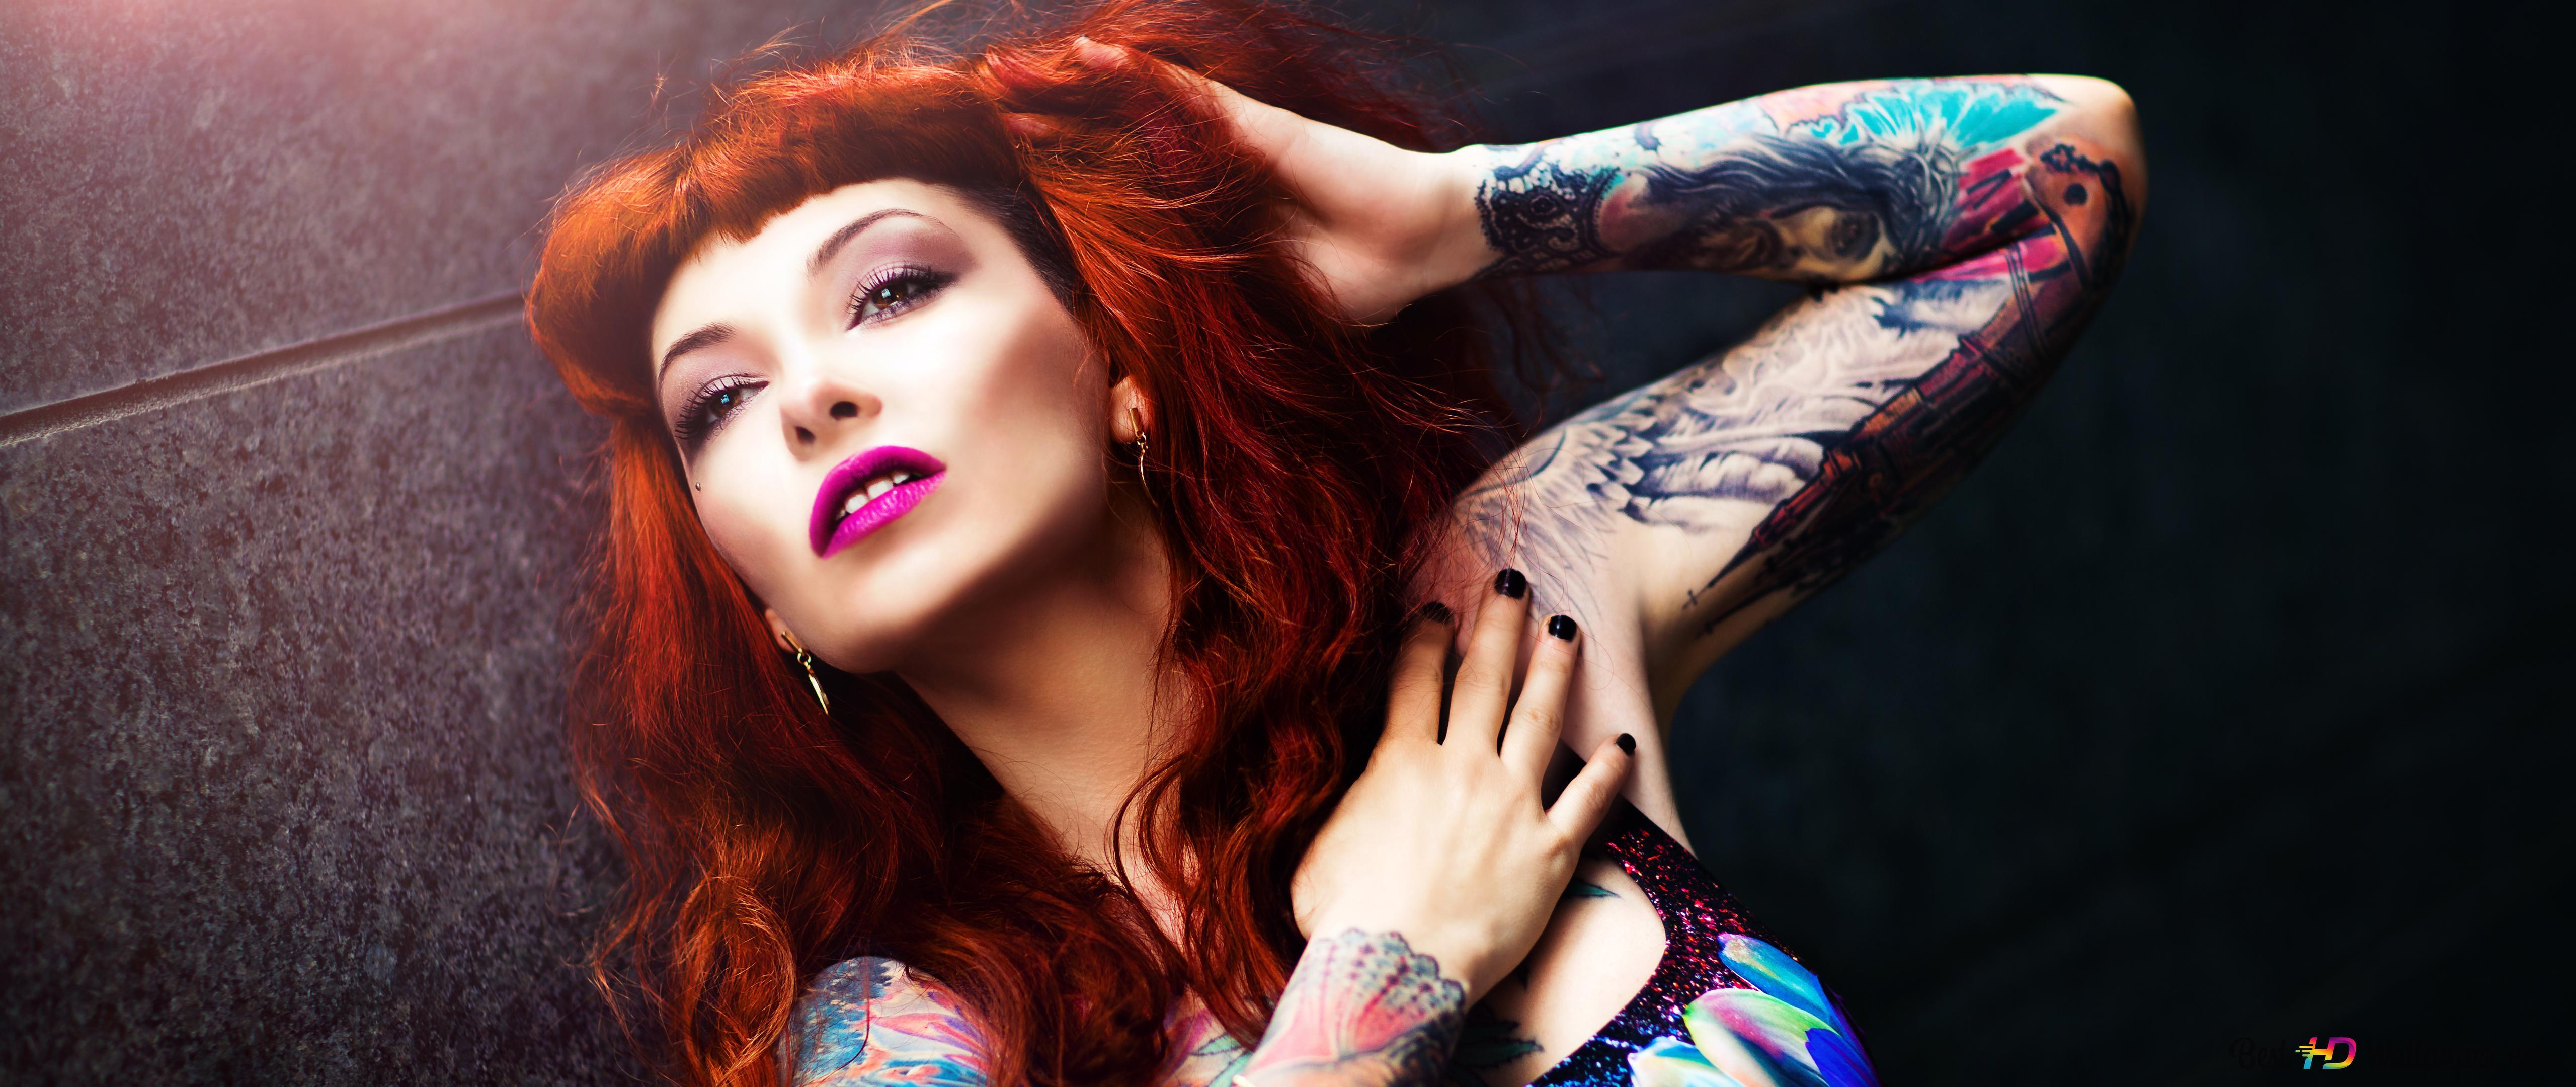 Tattoo Woman Hd Wallpaper Download